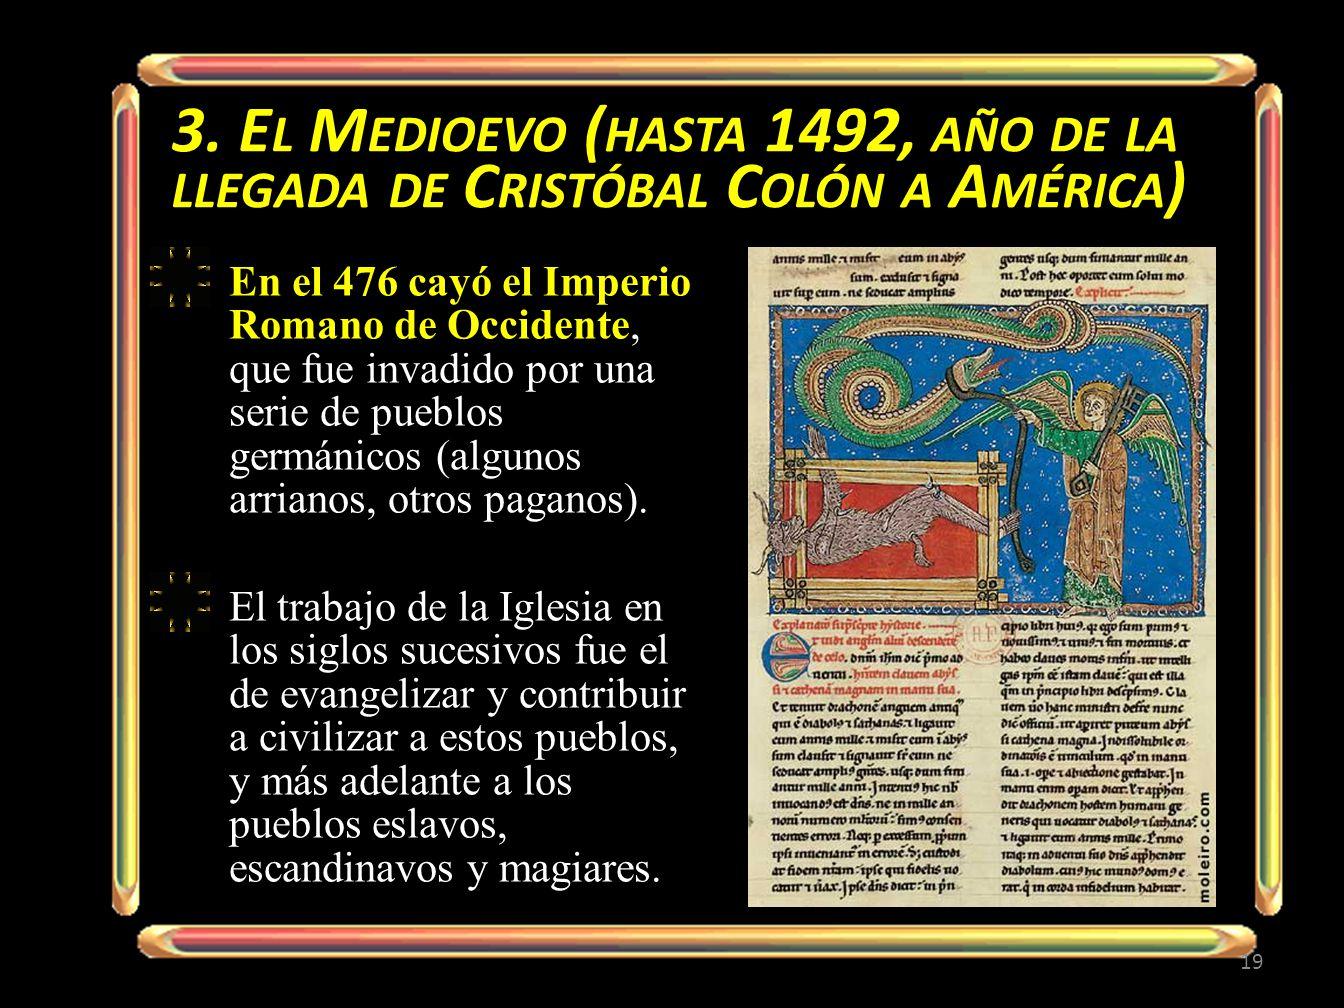 3. E L M EDIOEVO ( HASTA 1492, AÑO DE LA LLEGADA DE C RISTÓBAL C OLÓN A A MÉRICA ) En el 476 cayó el Imperio Romano de Occidente, que fue invadido por